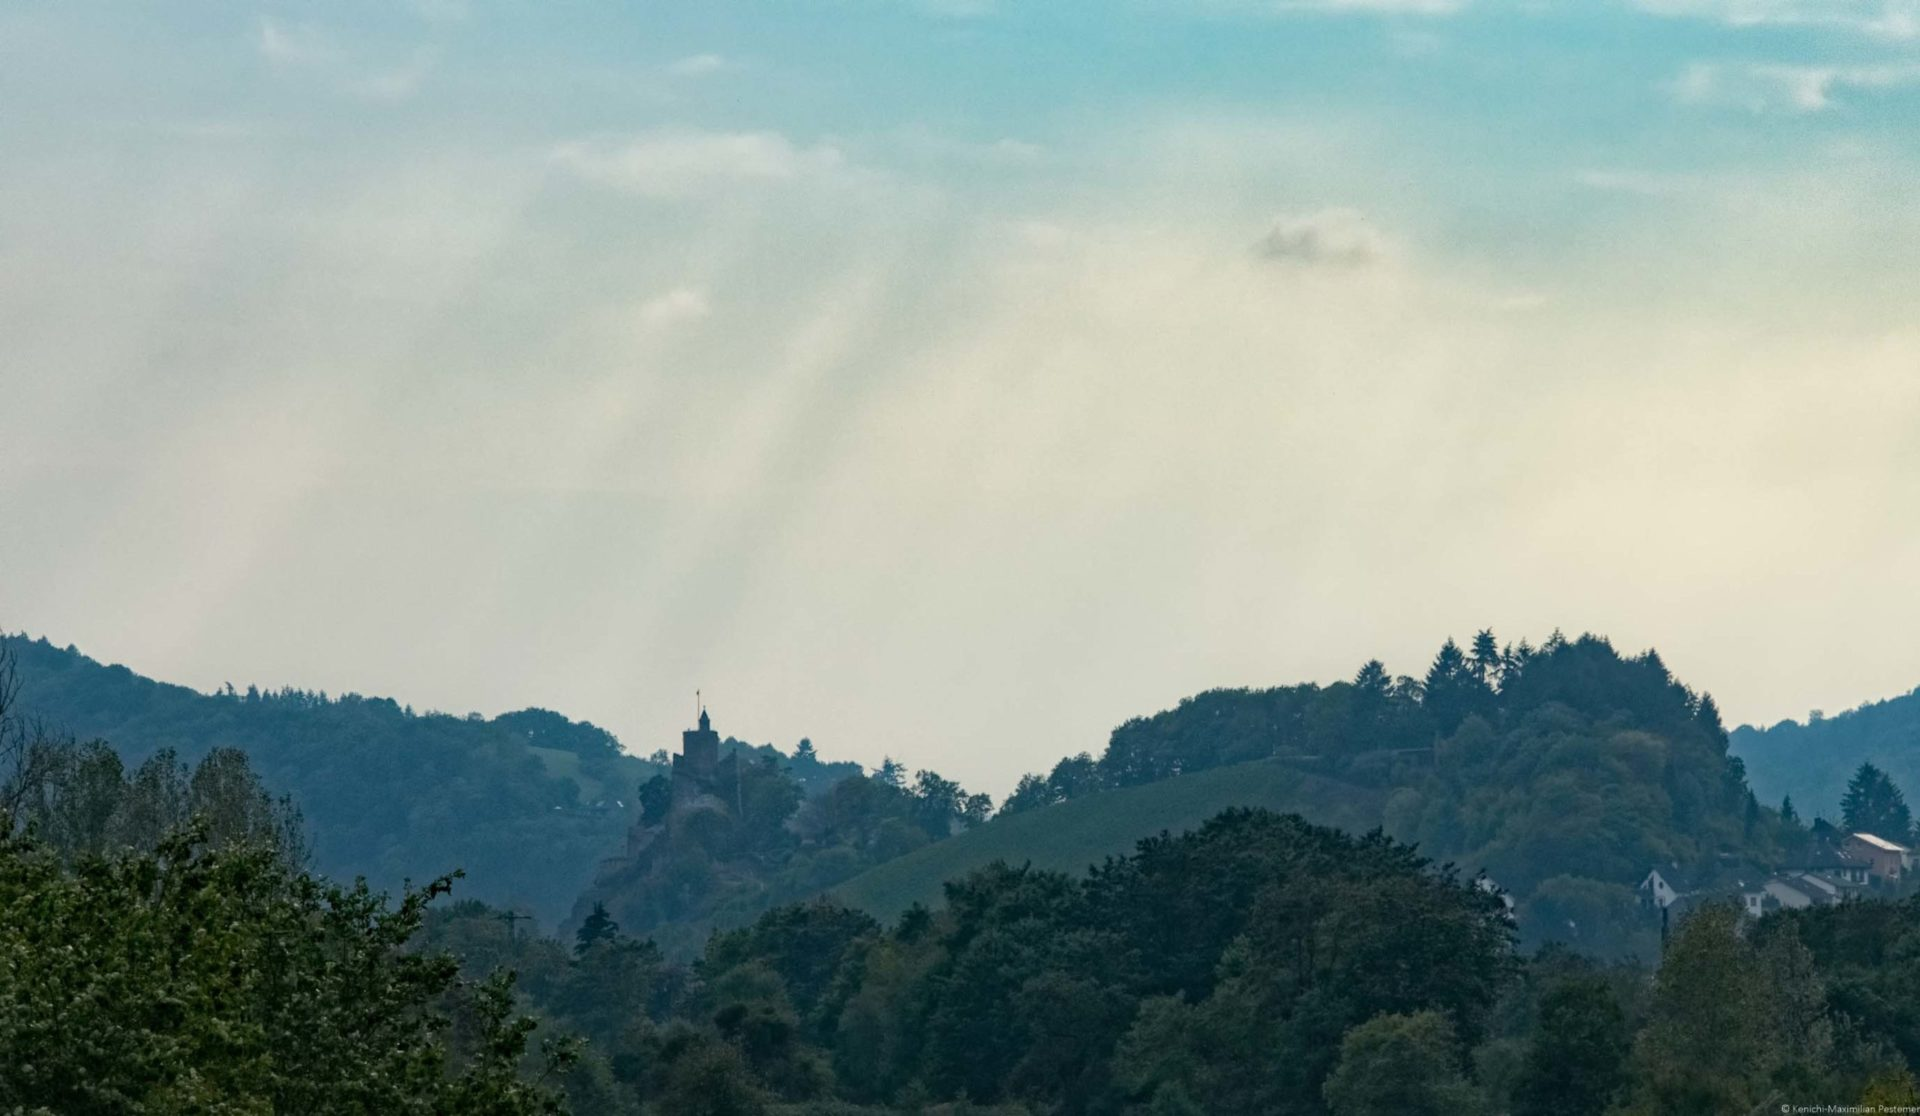 Saarburg mit Wald und Weinberg sowie Regenwolken am Himmel